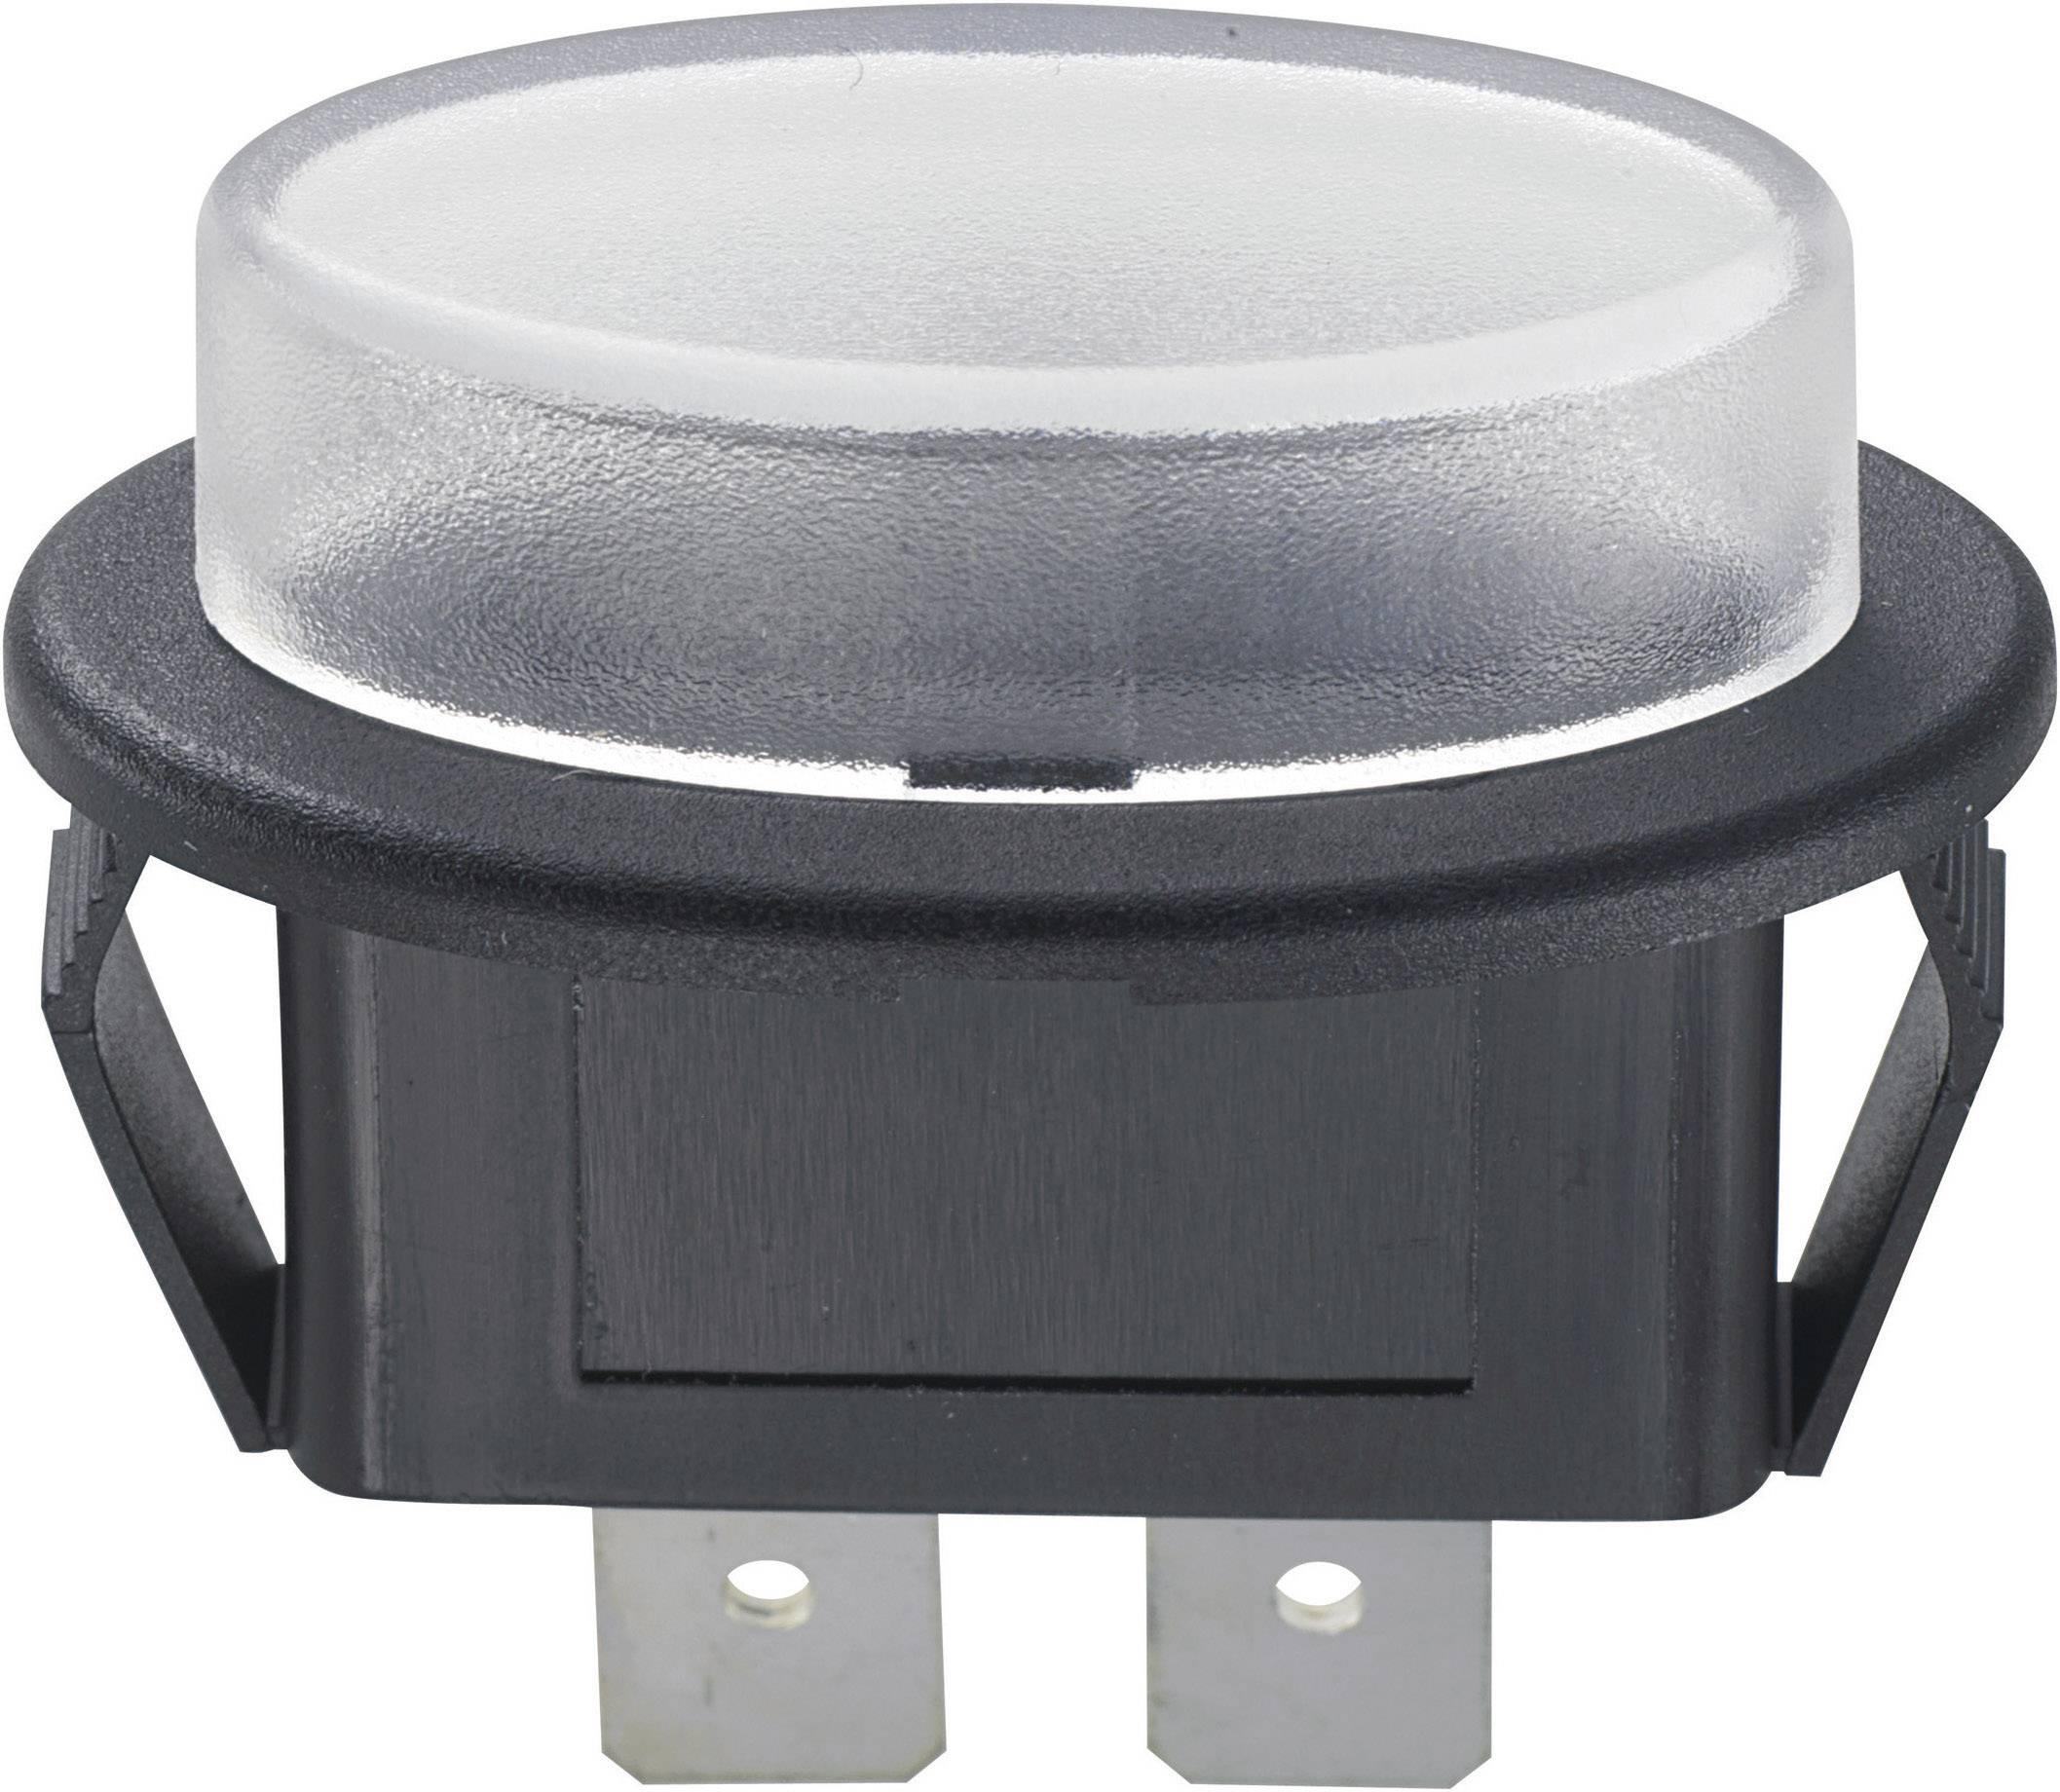 Automobilový poistkový odpínač SCI R3-67 743030, Vhodné pre štandardná plochá poistka, 30 A, 24 V/DC, 1 ks